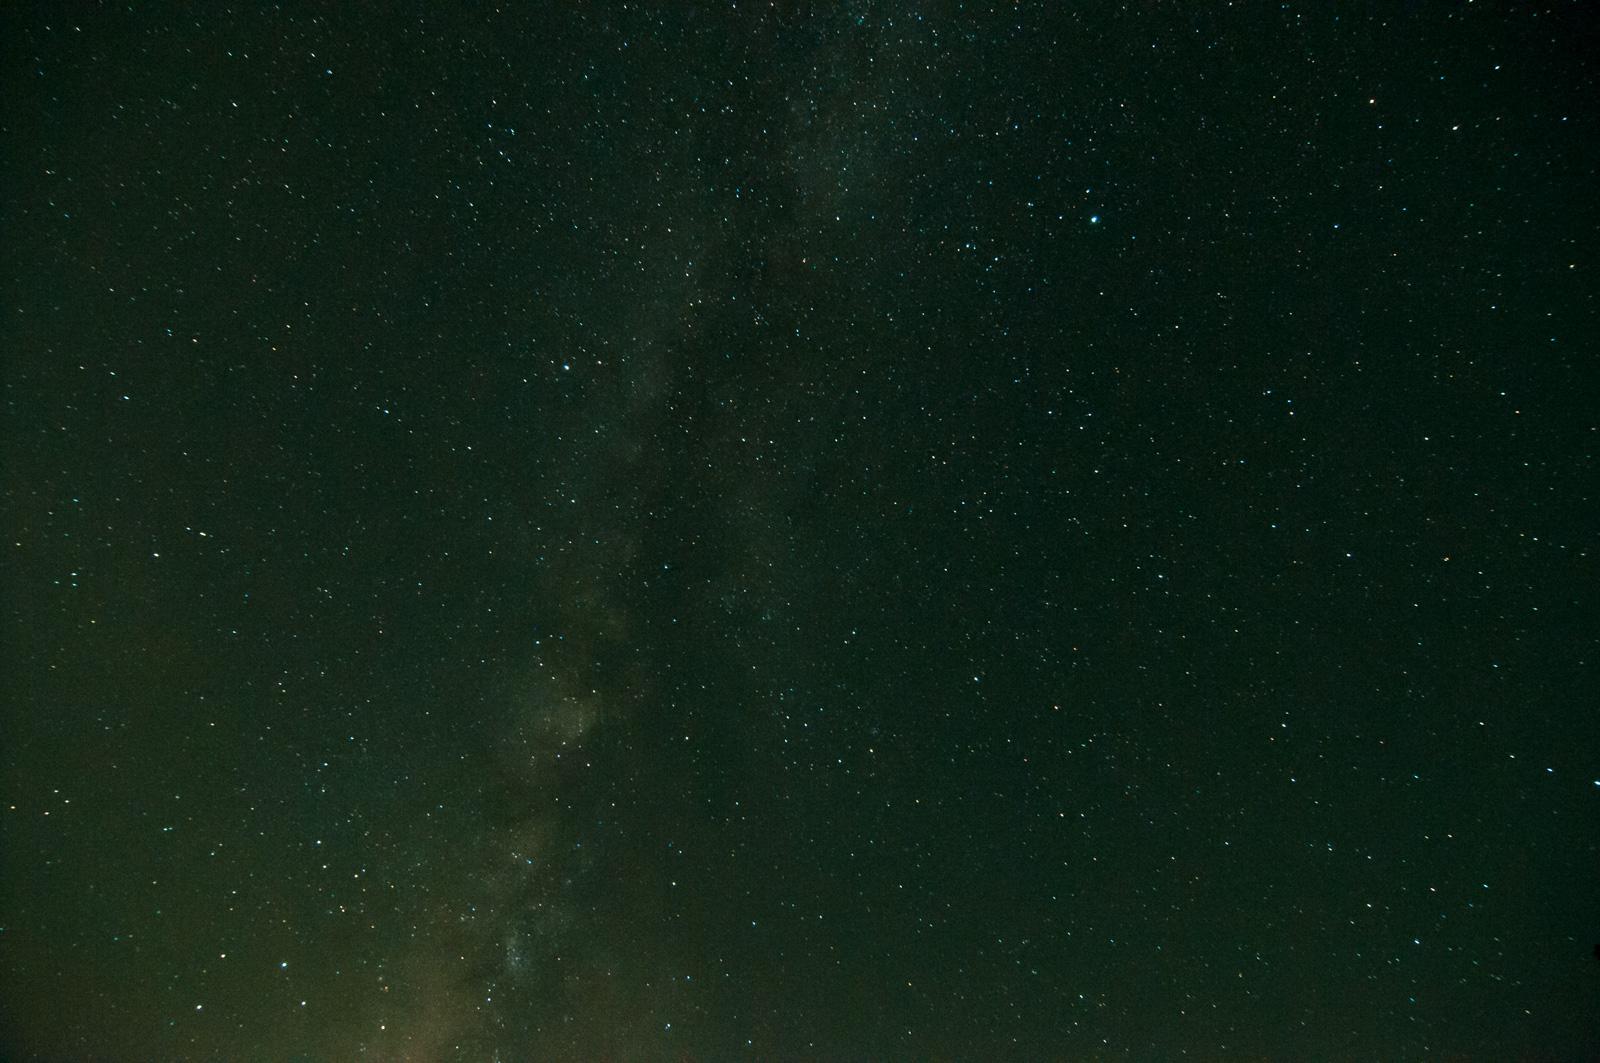 星空を撮影に行った帰り、たまたま出会った秩父の夜明け